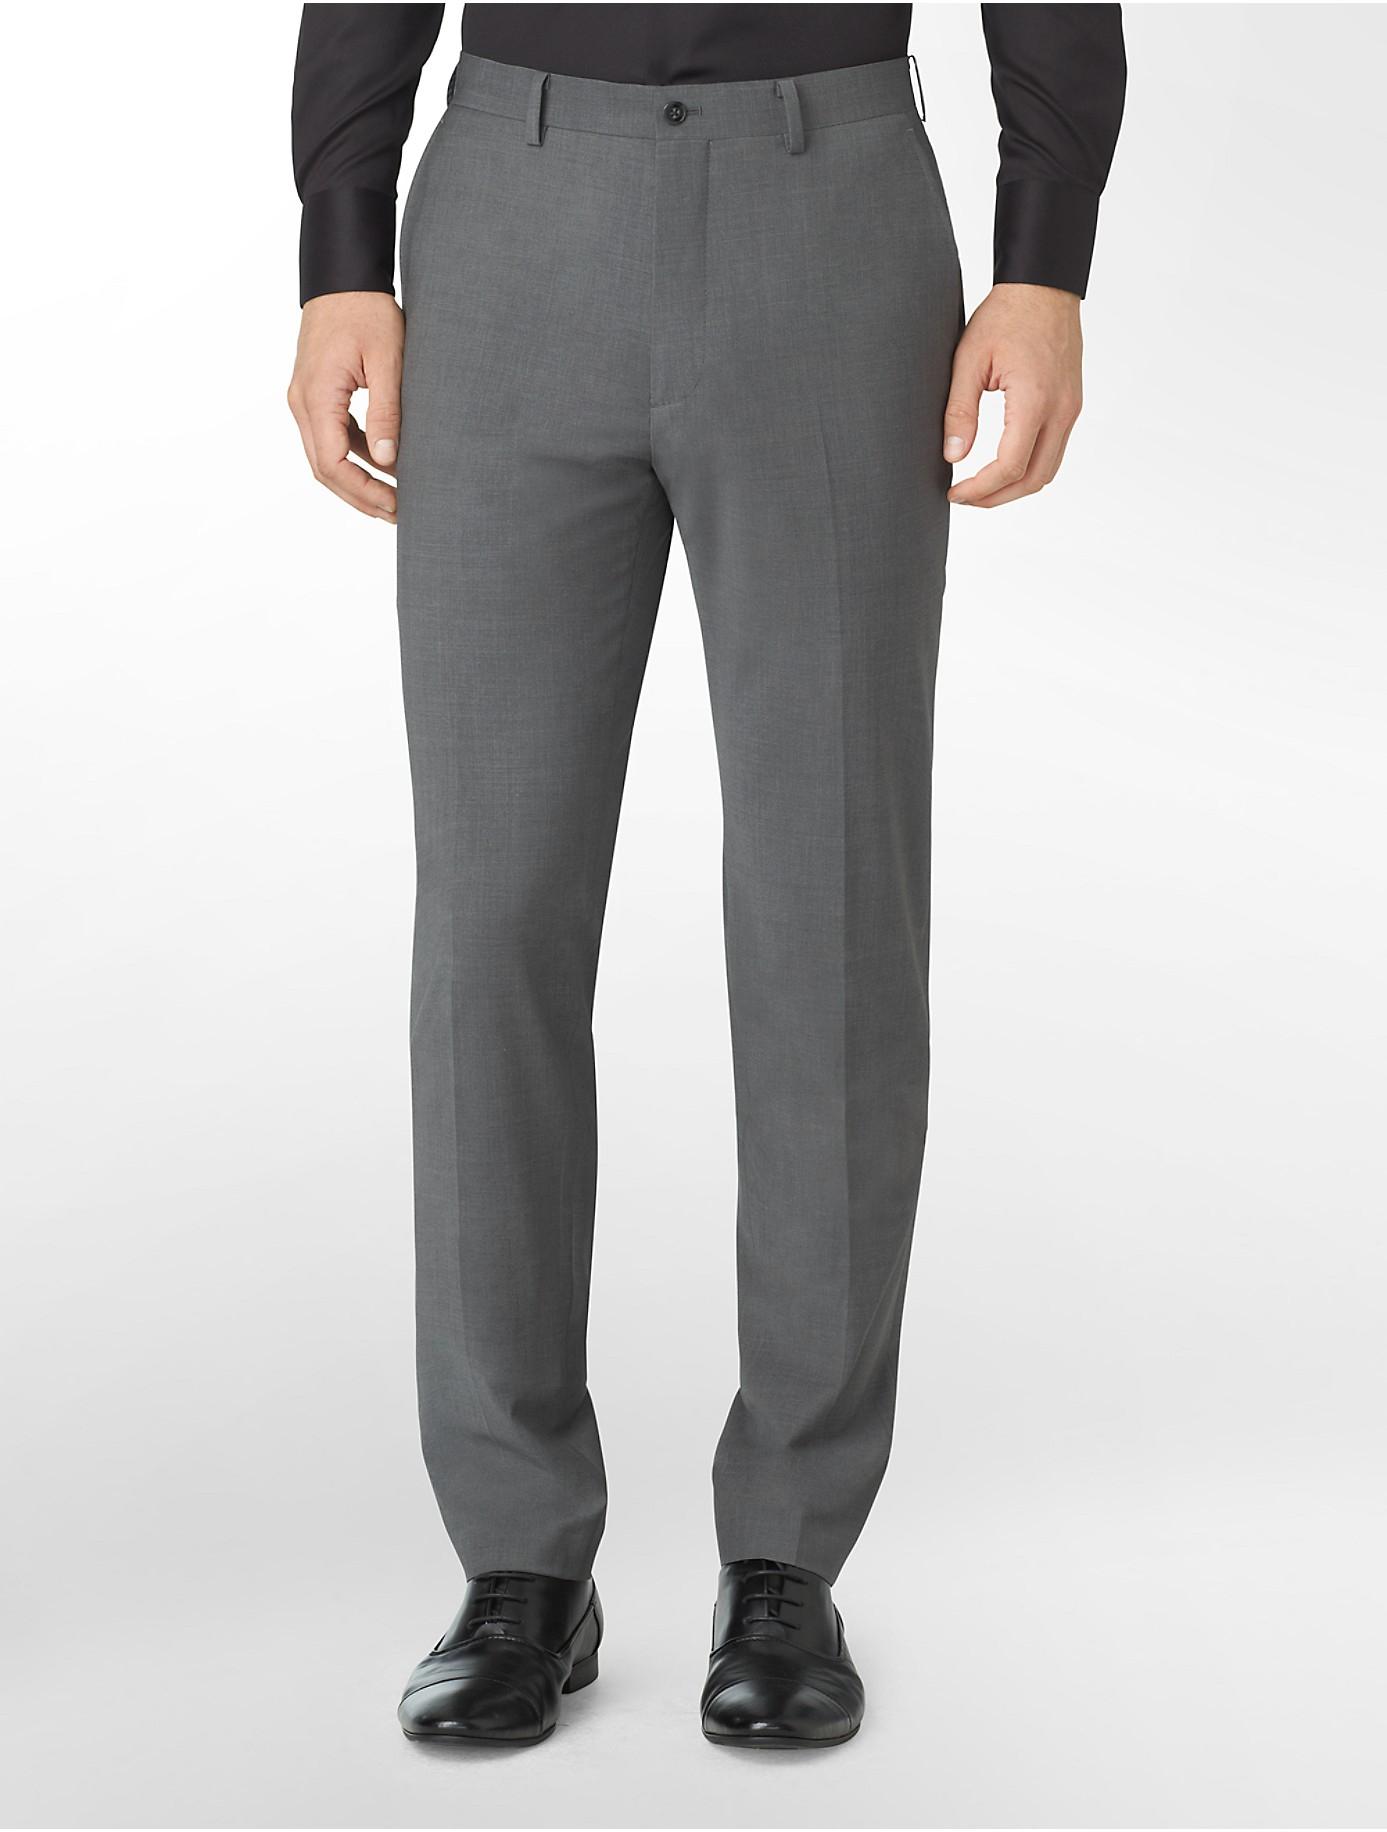 Grey Suit Pants Hardon Clothes